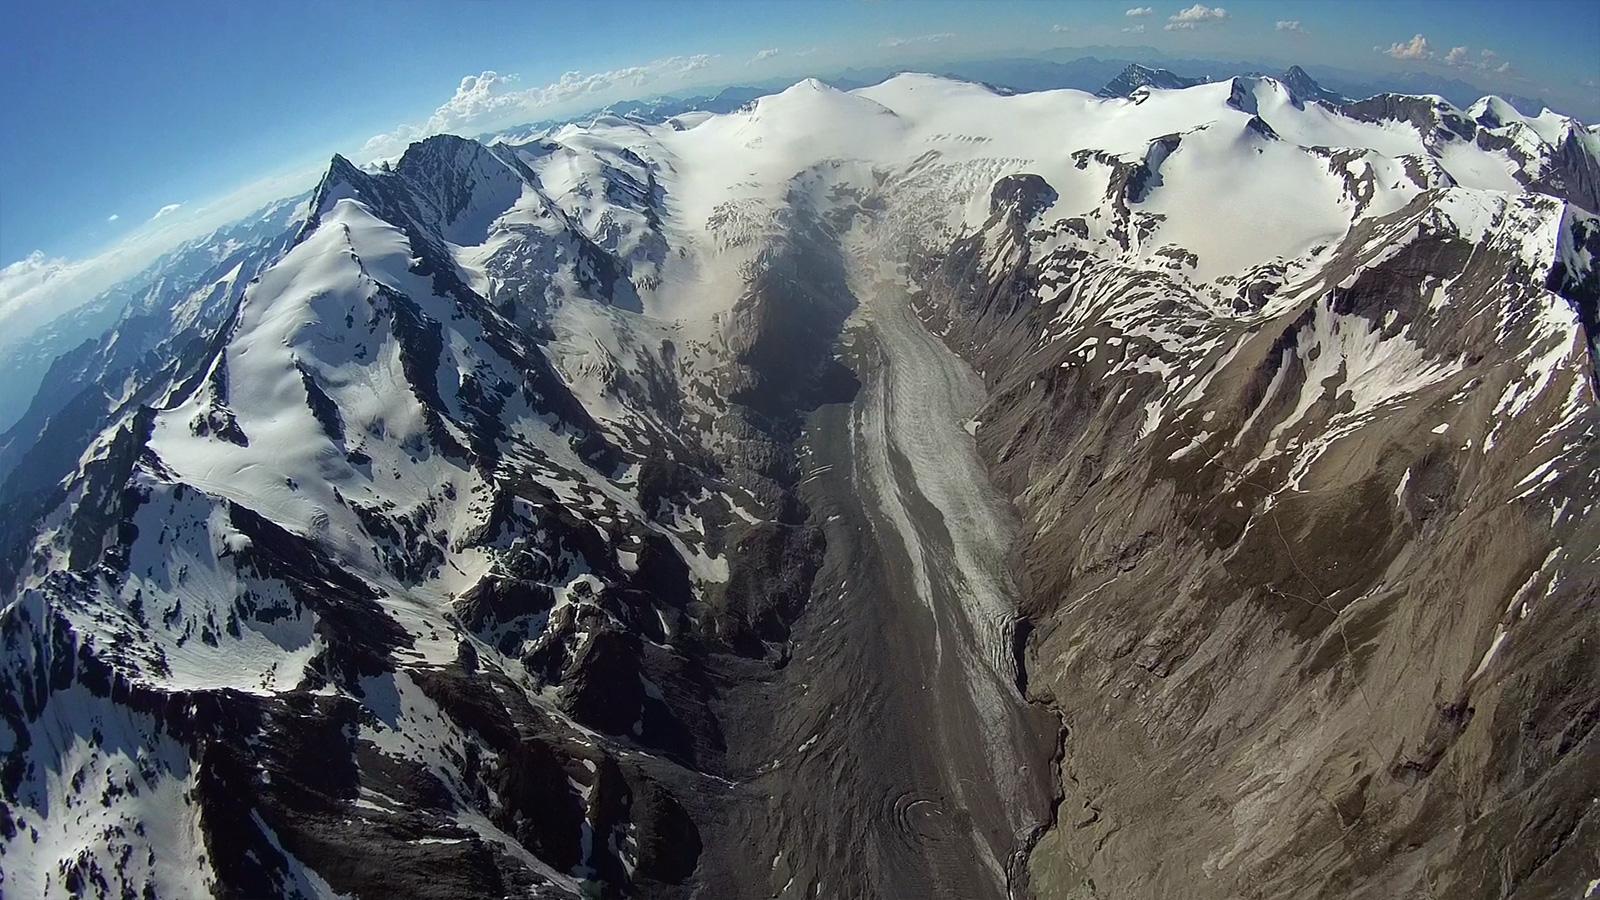 Die Pasterze: mit etwas mehr als 8 Kilometer Länge der größte Gletscher Österreichs und der längste der Ostalpen. Leider zieht sie sich immer weiter zurück.